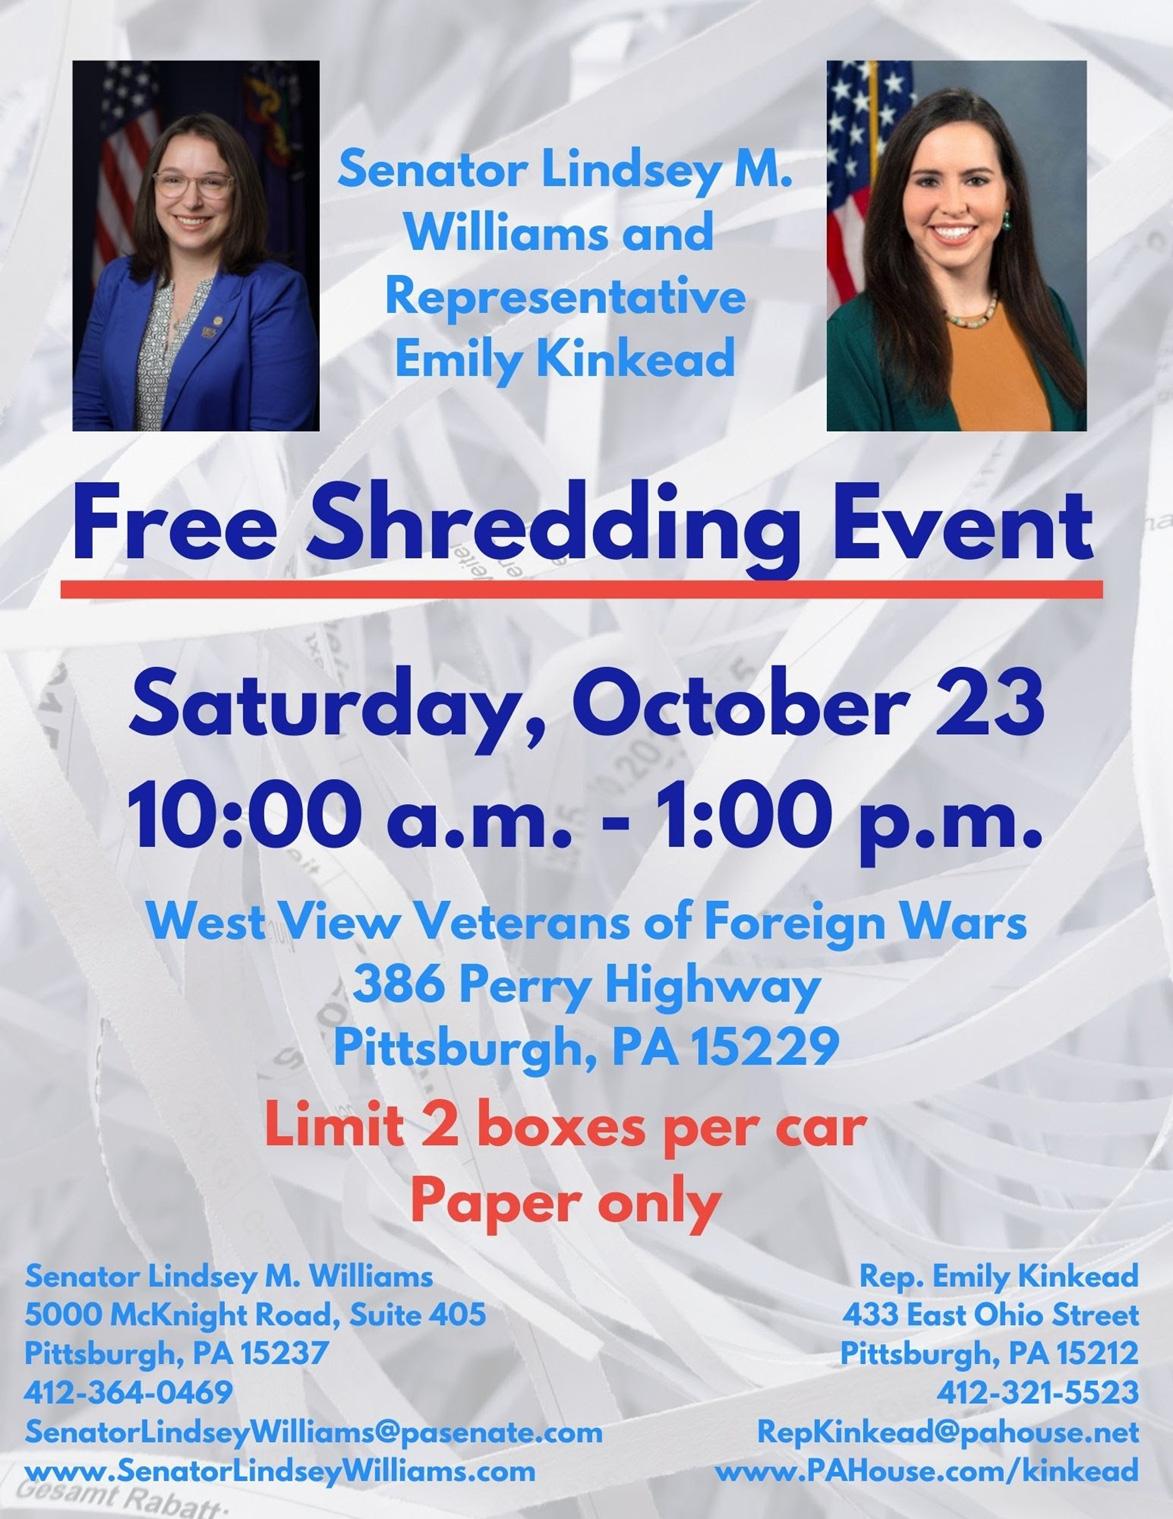 Shredding Event - October 23